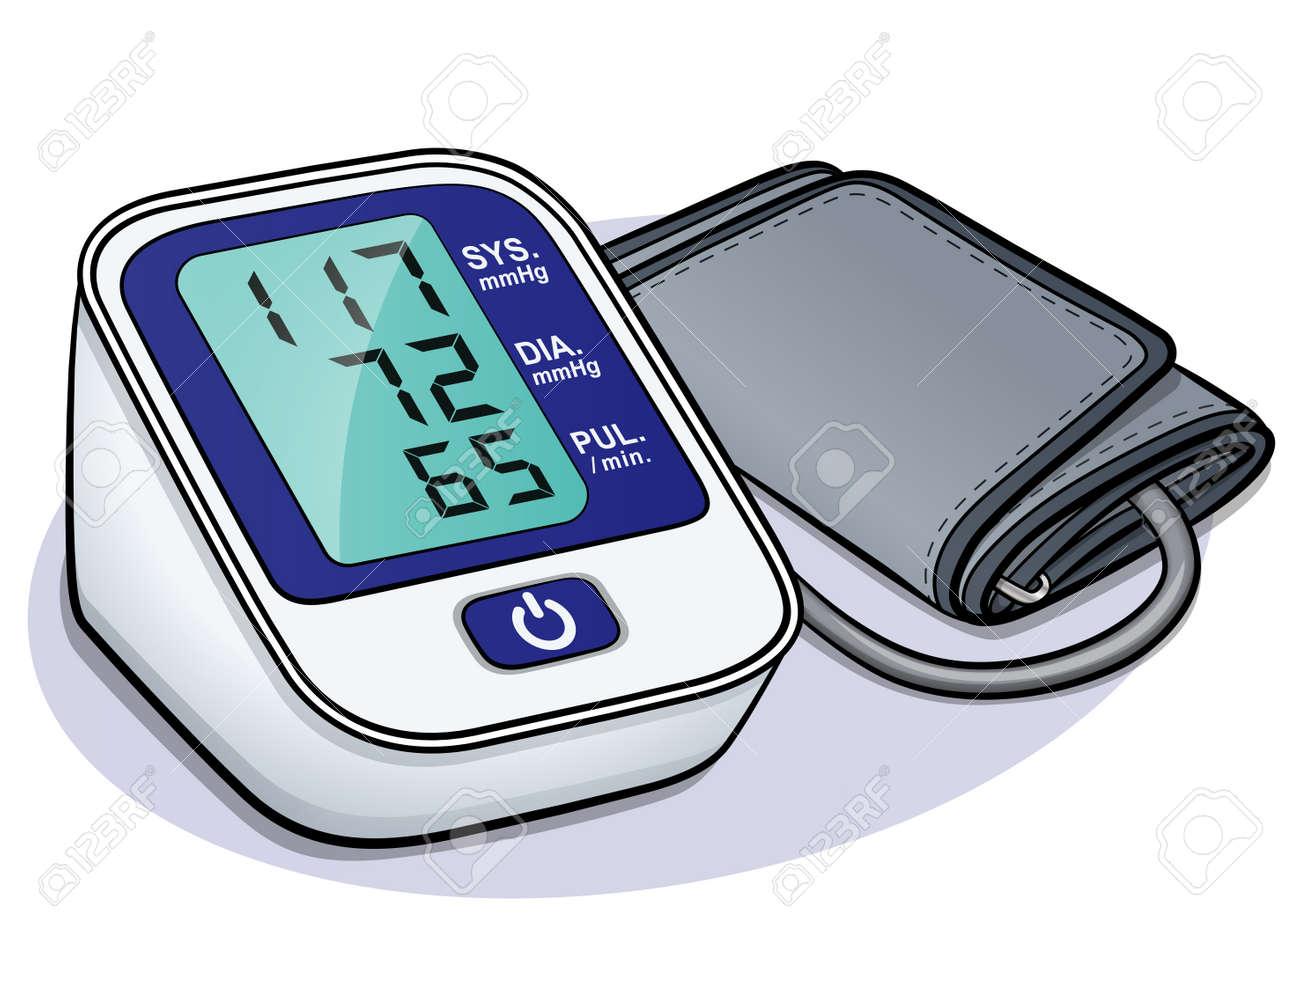 Vector illustration of blood pressure monitor design - 110041506